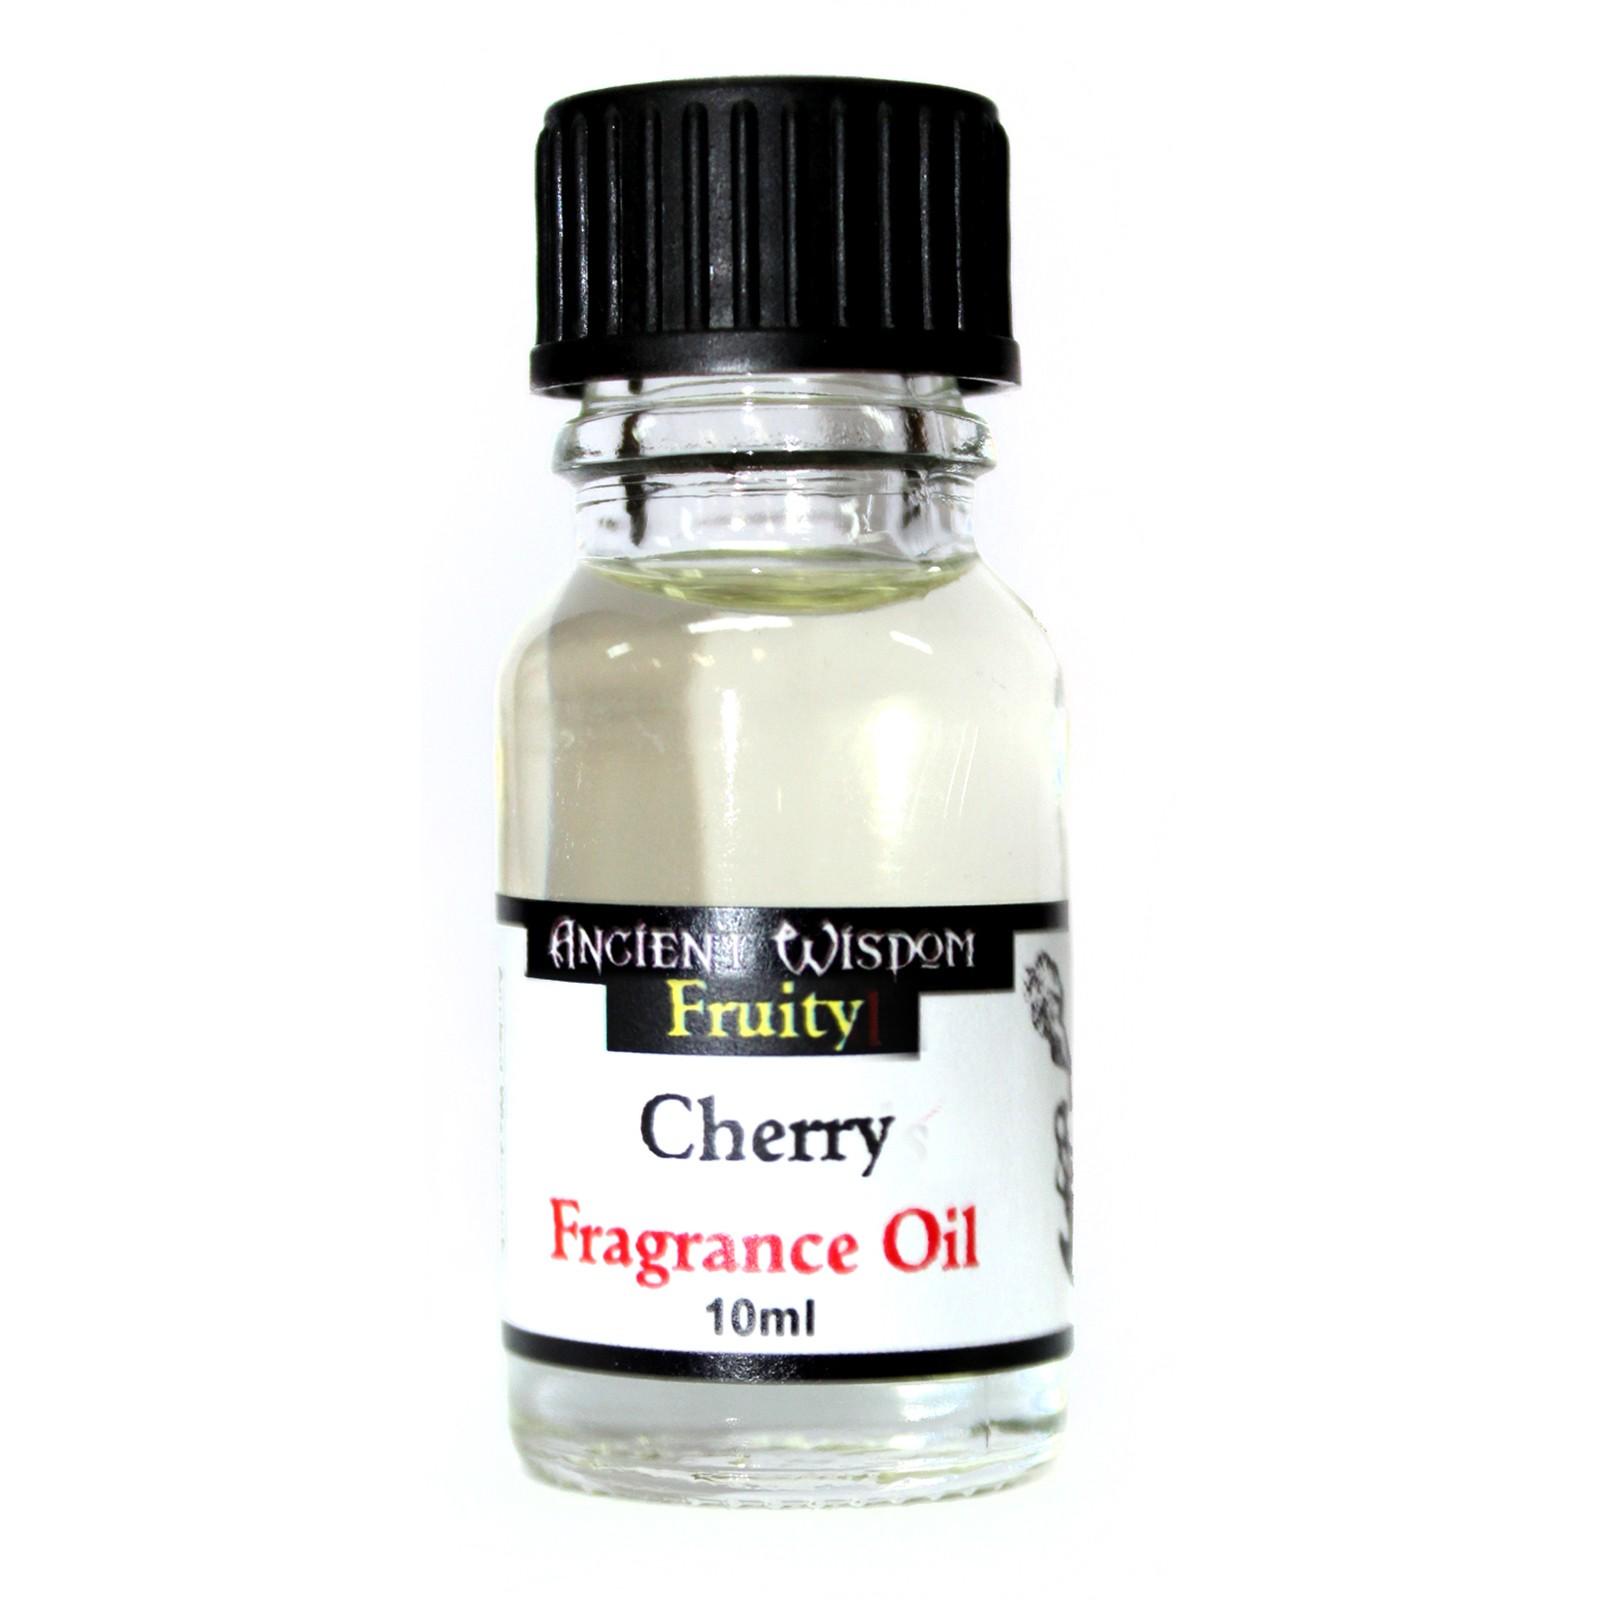 10ml Cherry Fragrance Oil